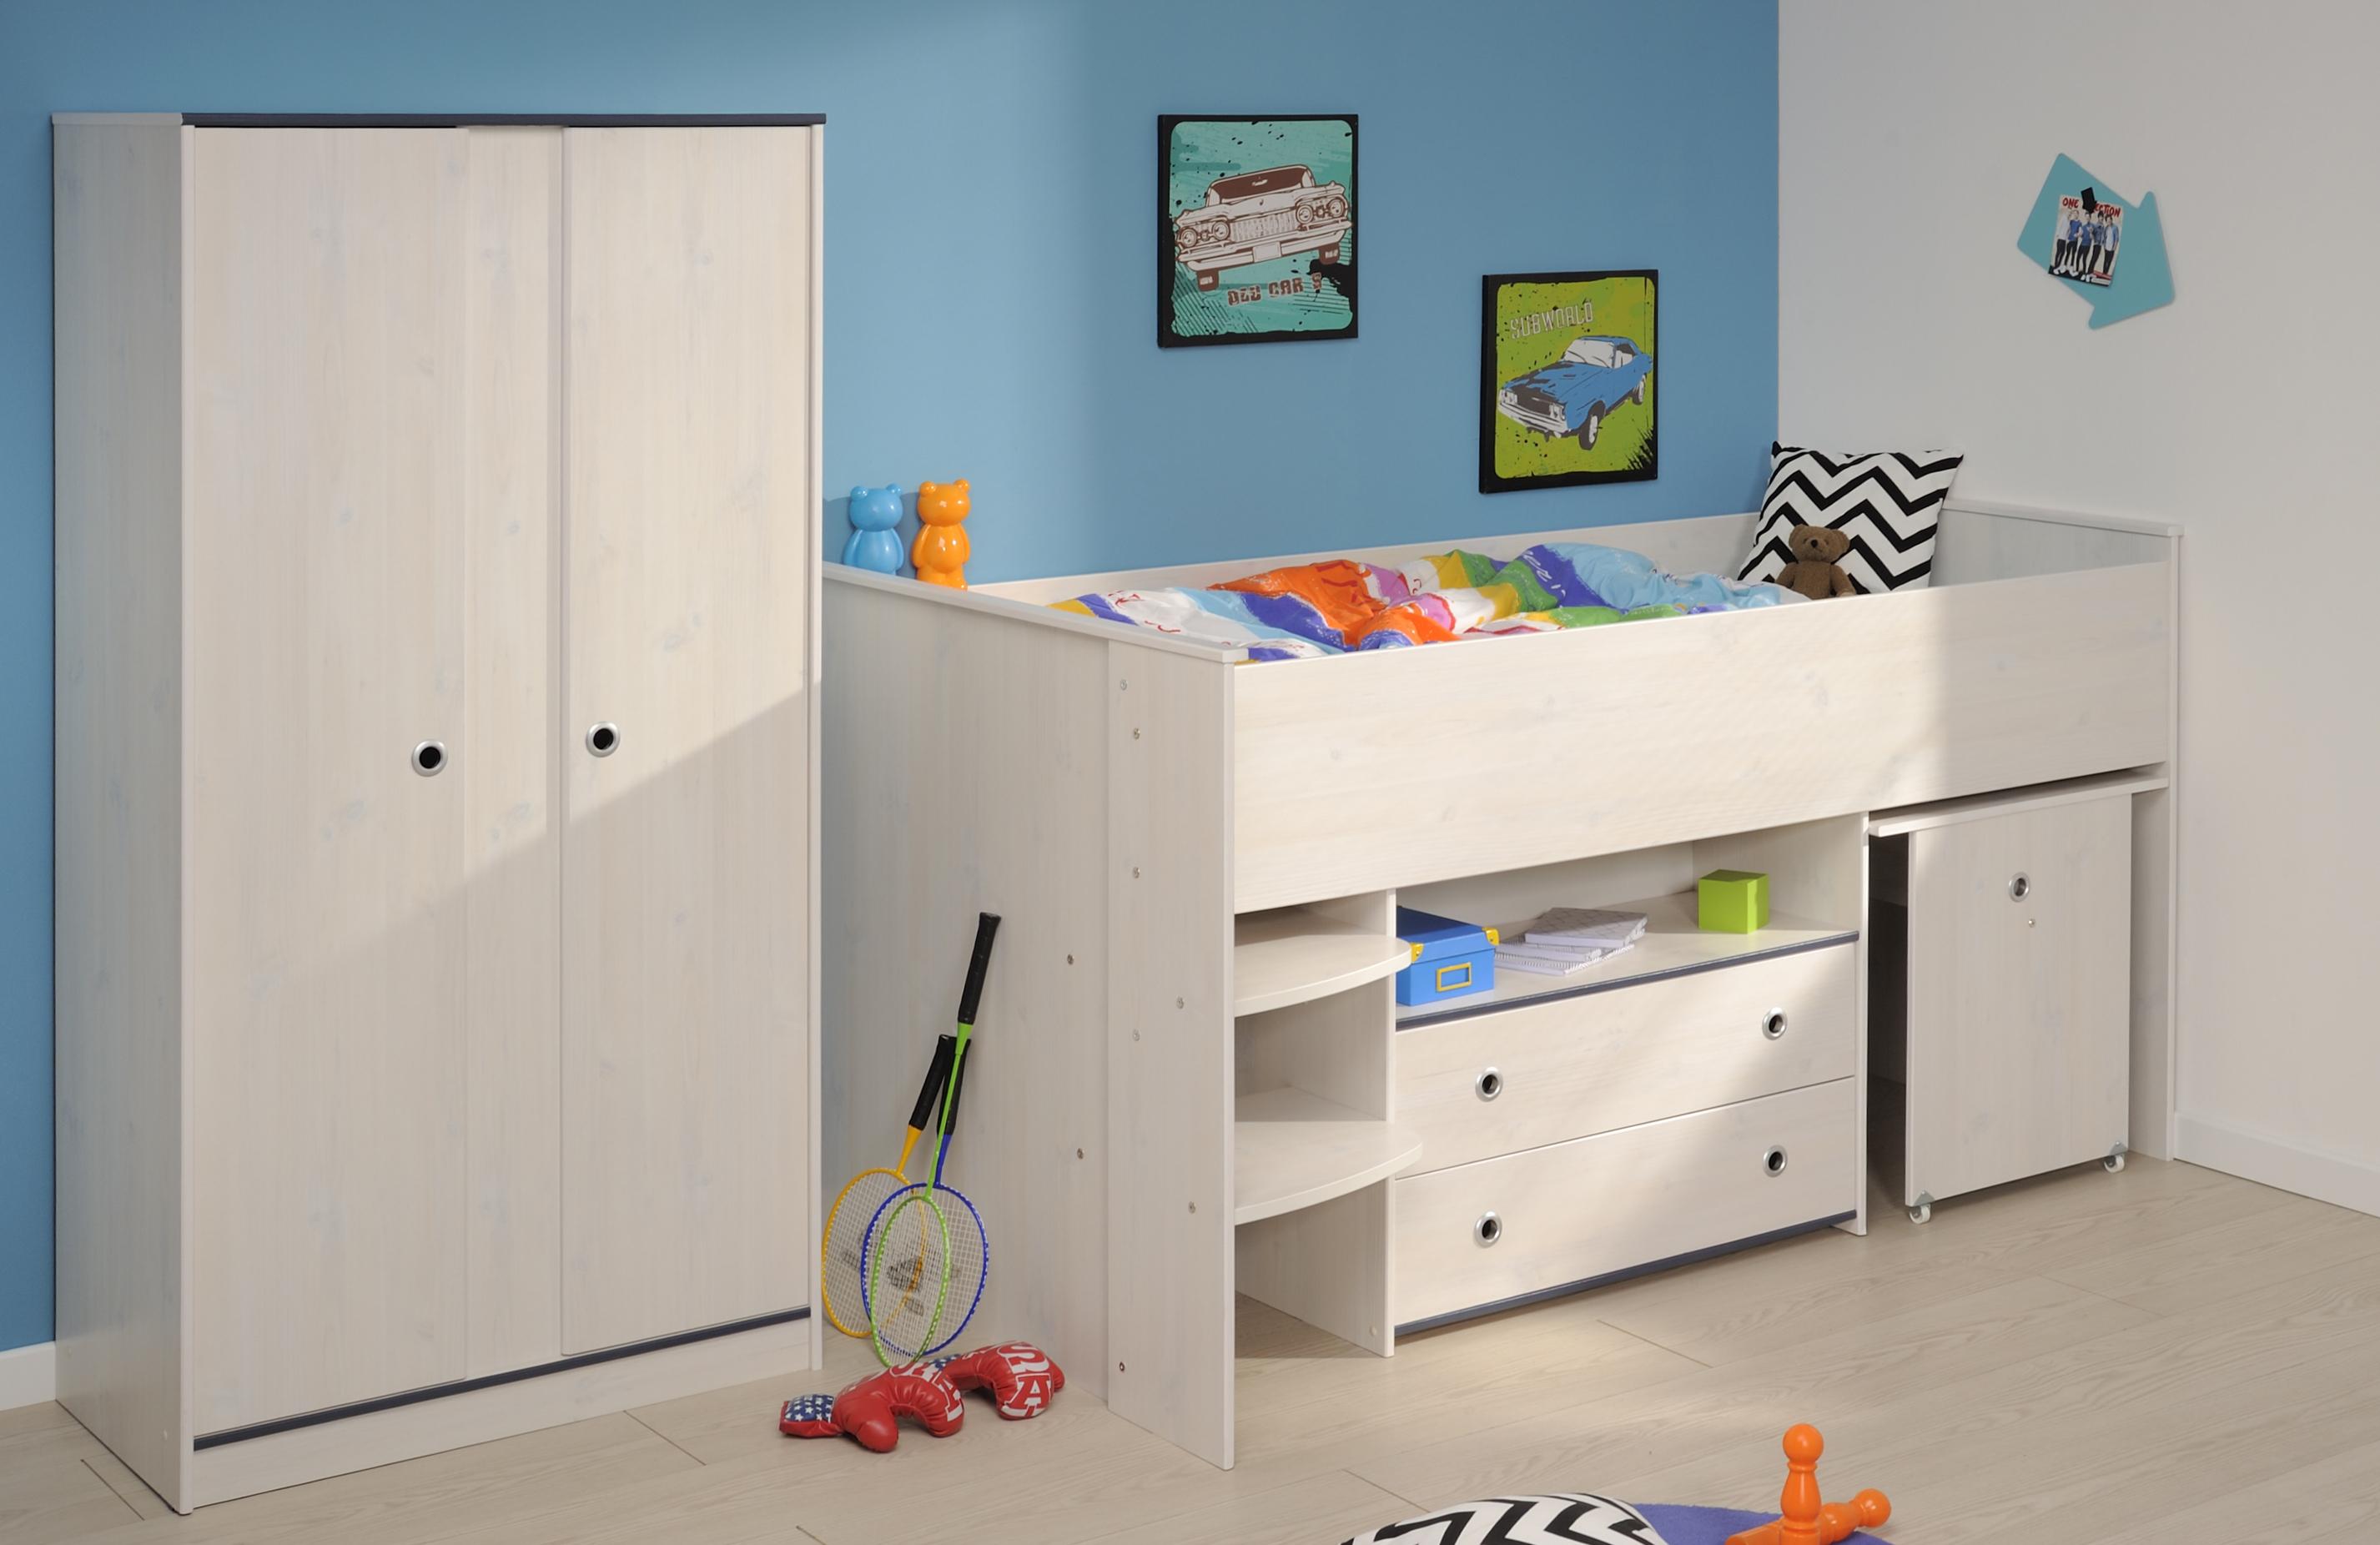 Schlafzimmer 2-tlg. inkl 90x200 Hochbett Smoozy 25a von Parisot Kiefer Weiss / Blau